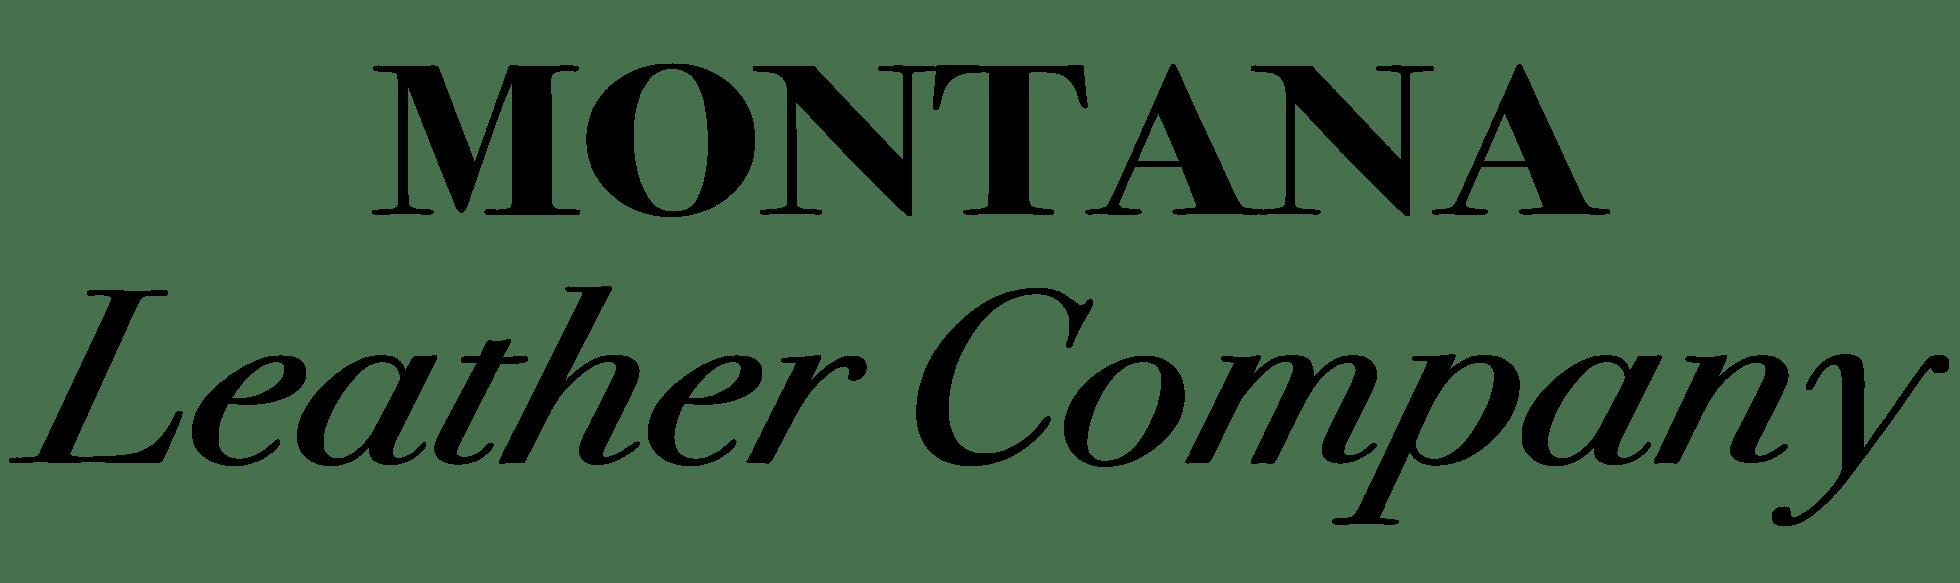 Montana Leather Company